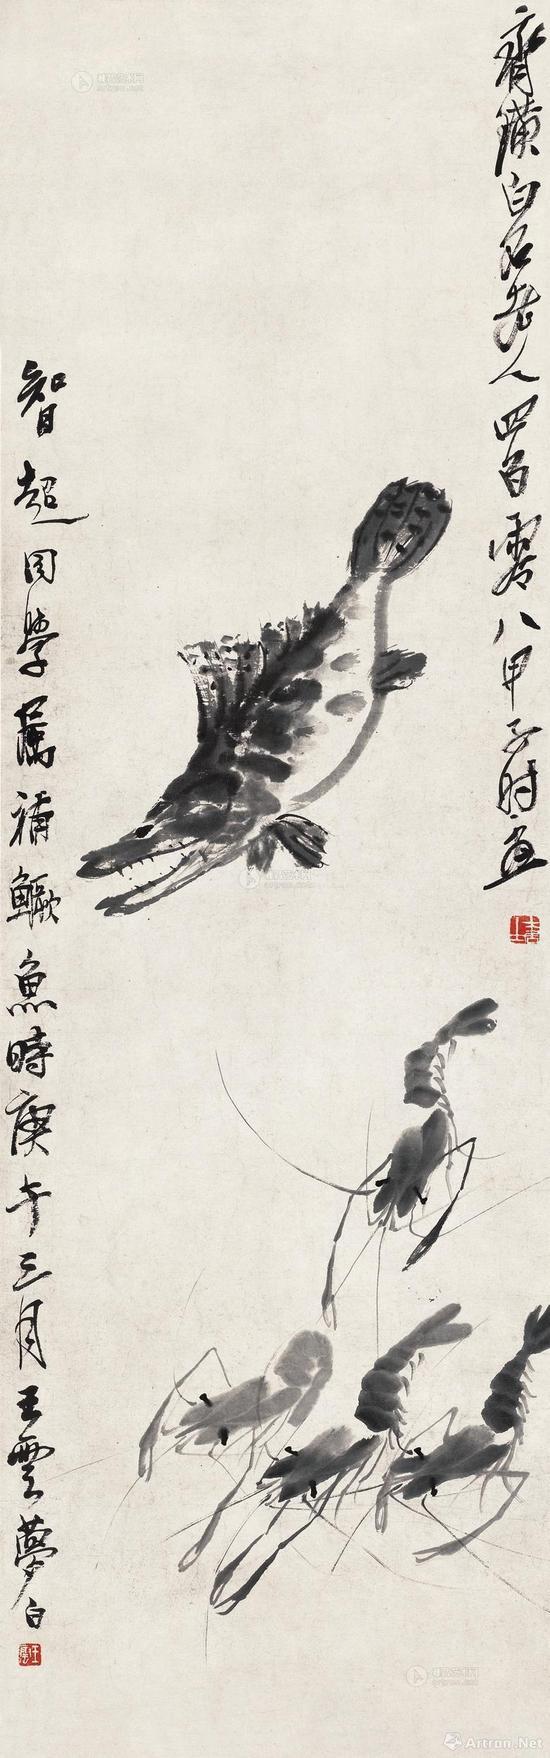 王梦白、齐白石《鱼虾》109×33.7cm 1924年作、1930年作